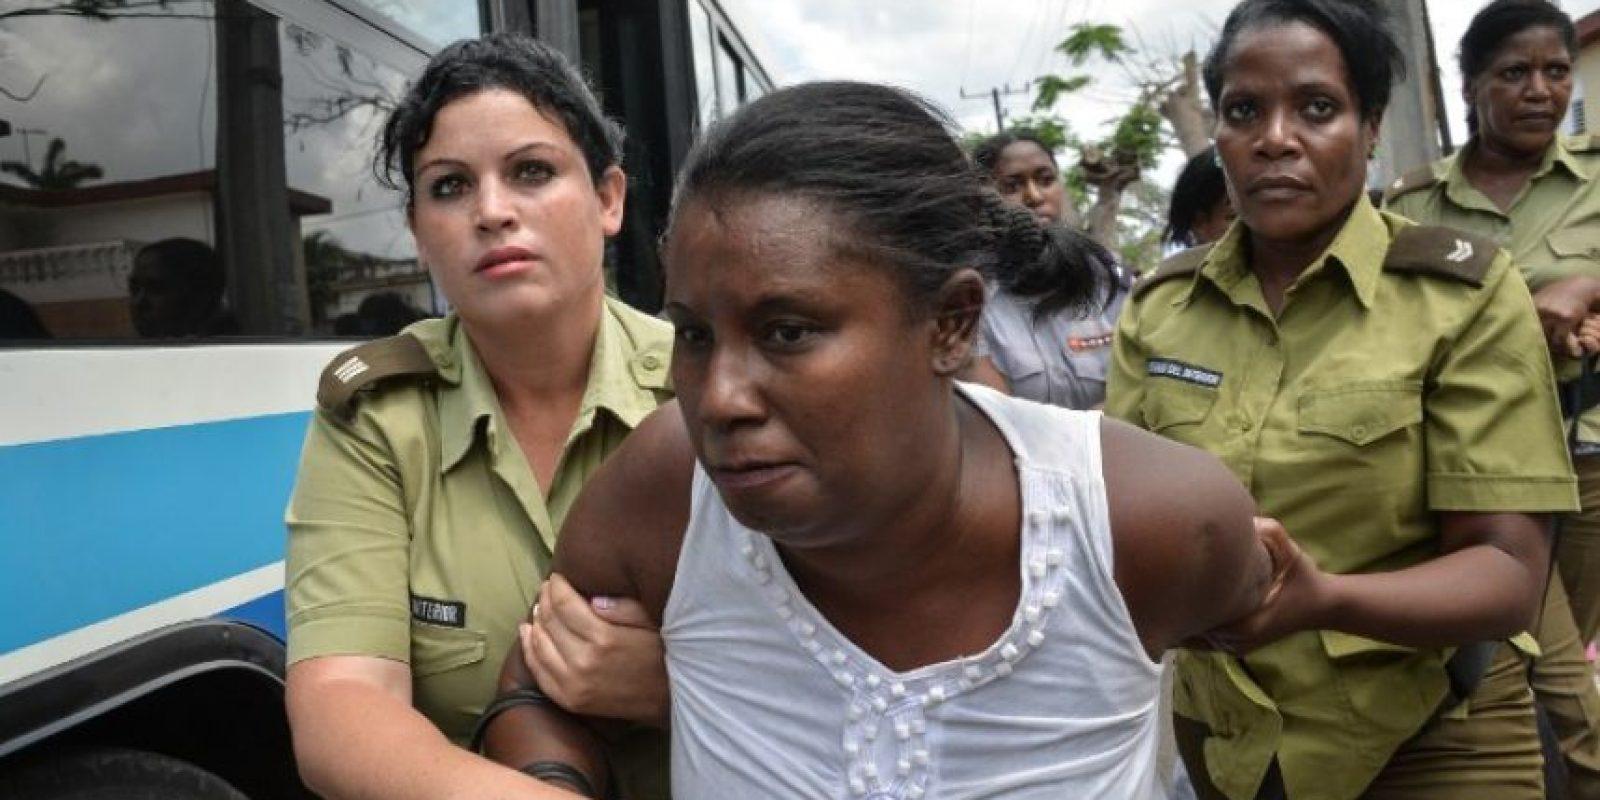 """Entre ellos """"Las Damas de Blanco"""", movimiento ciudadano que reúne a esposas y otros familiares de presos cubanos Foto:AFP"""